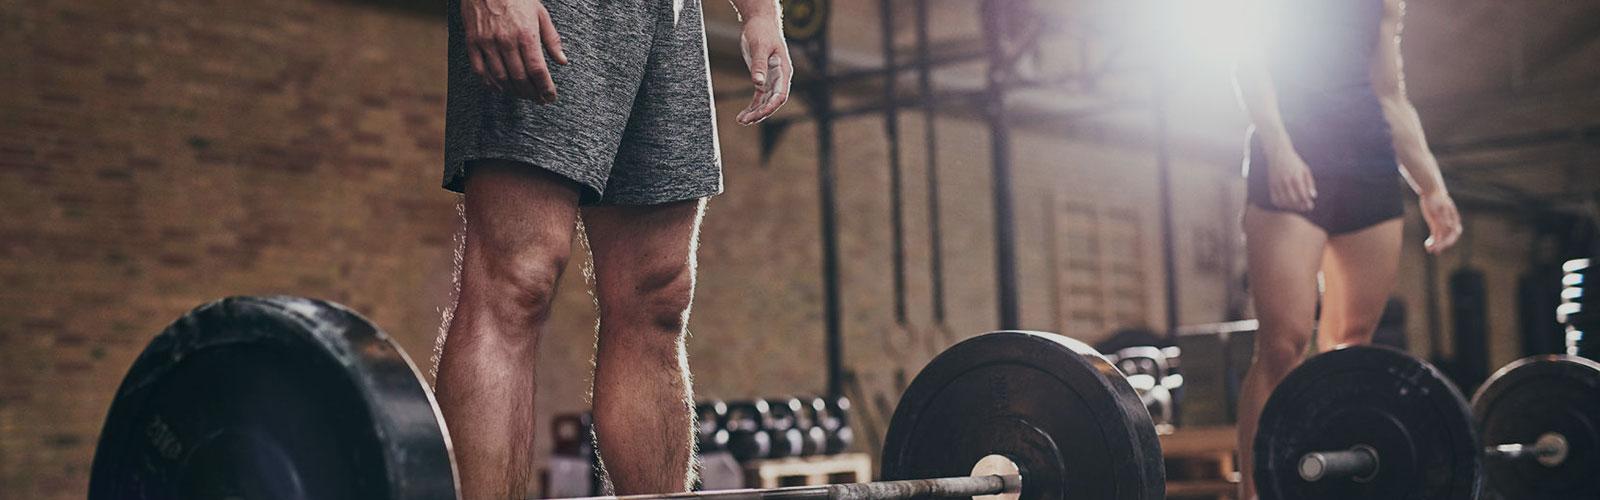 CrossFit Homewood